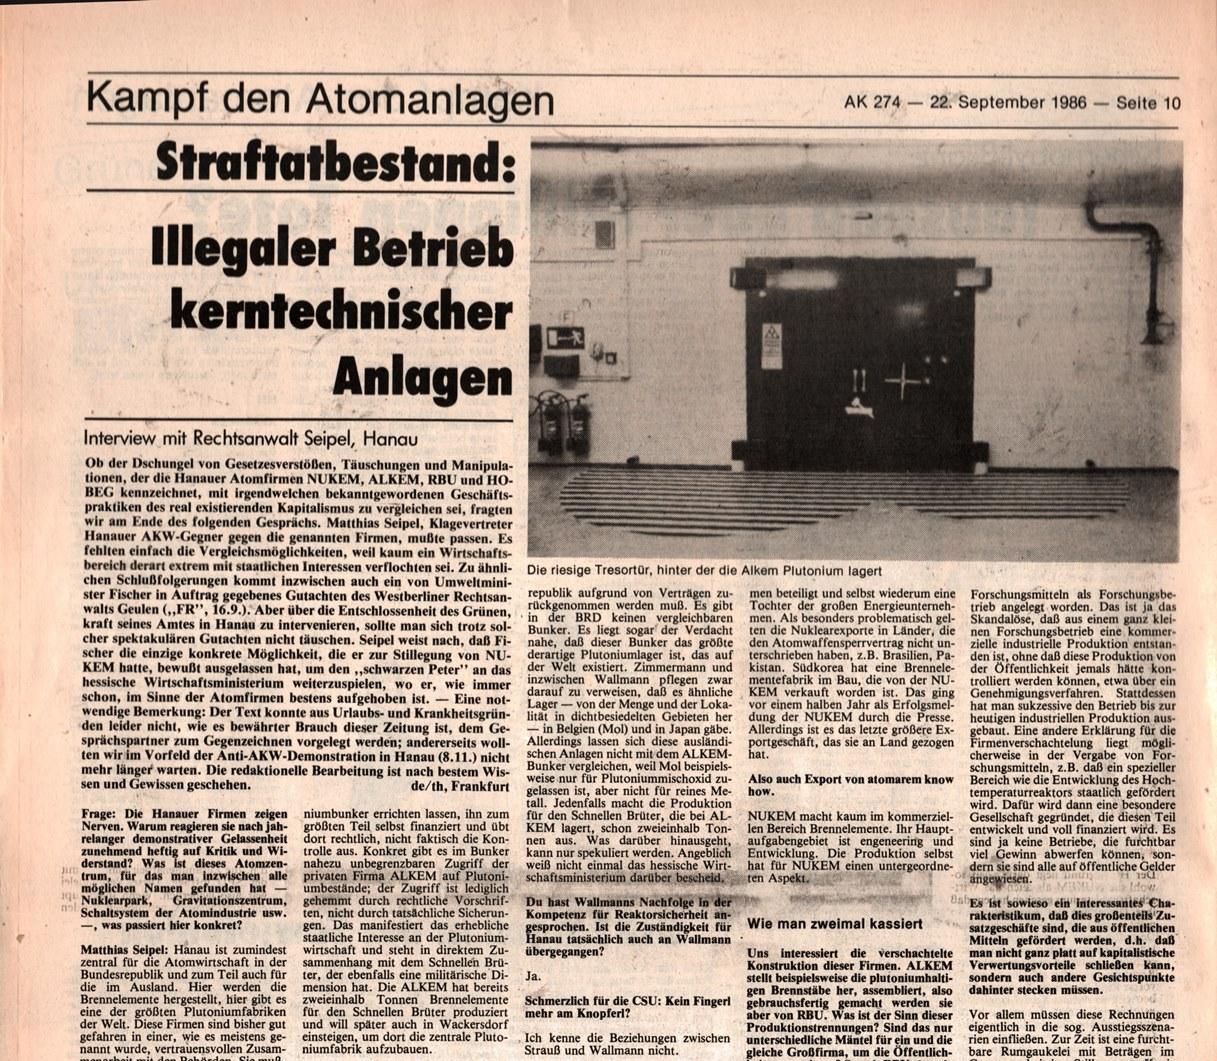 KB_AK_1986_274_019